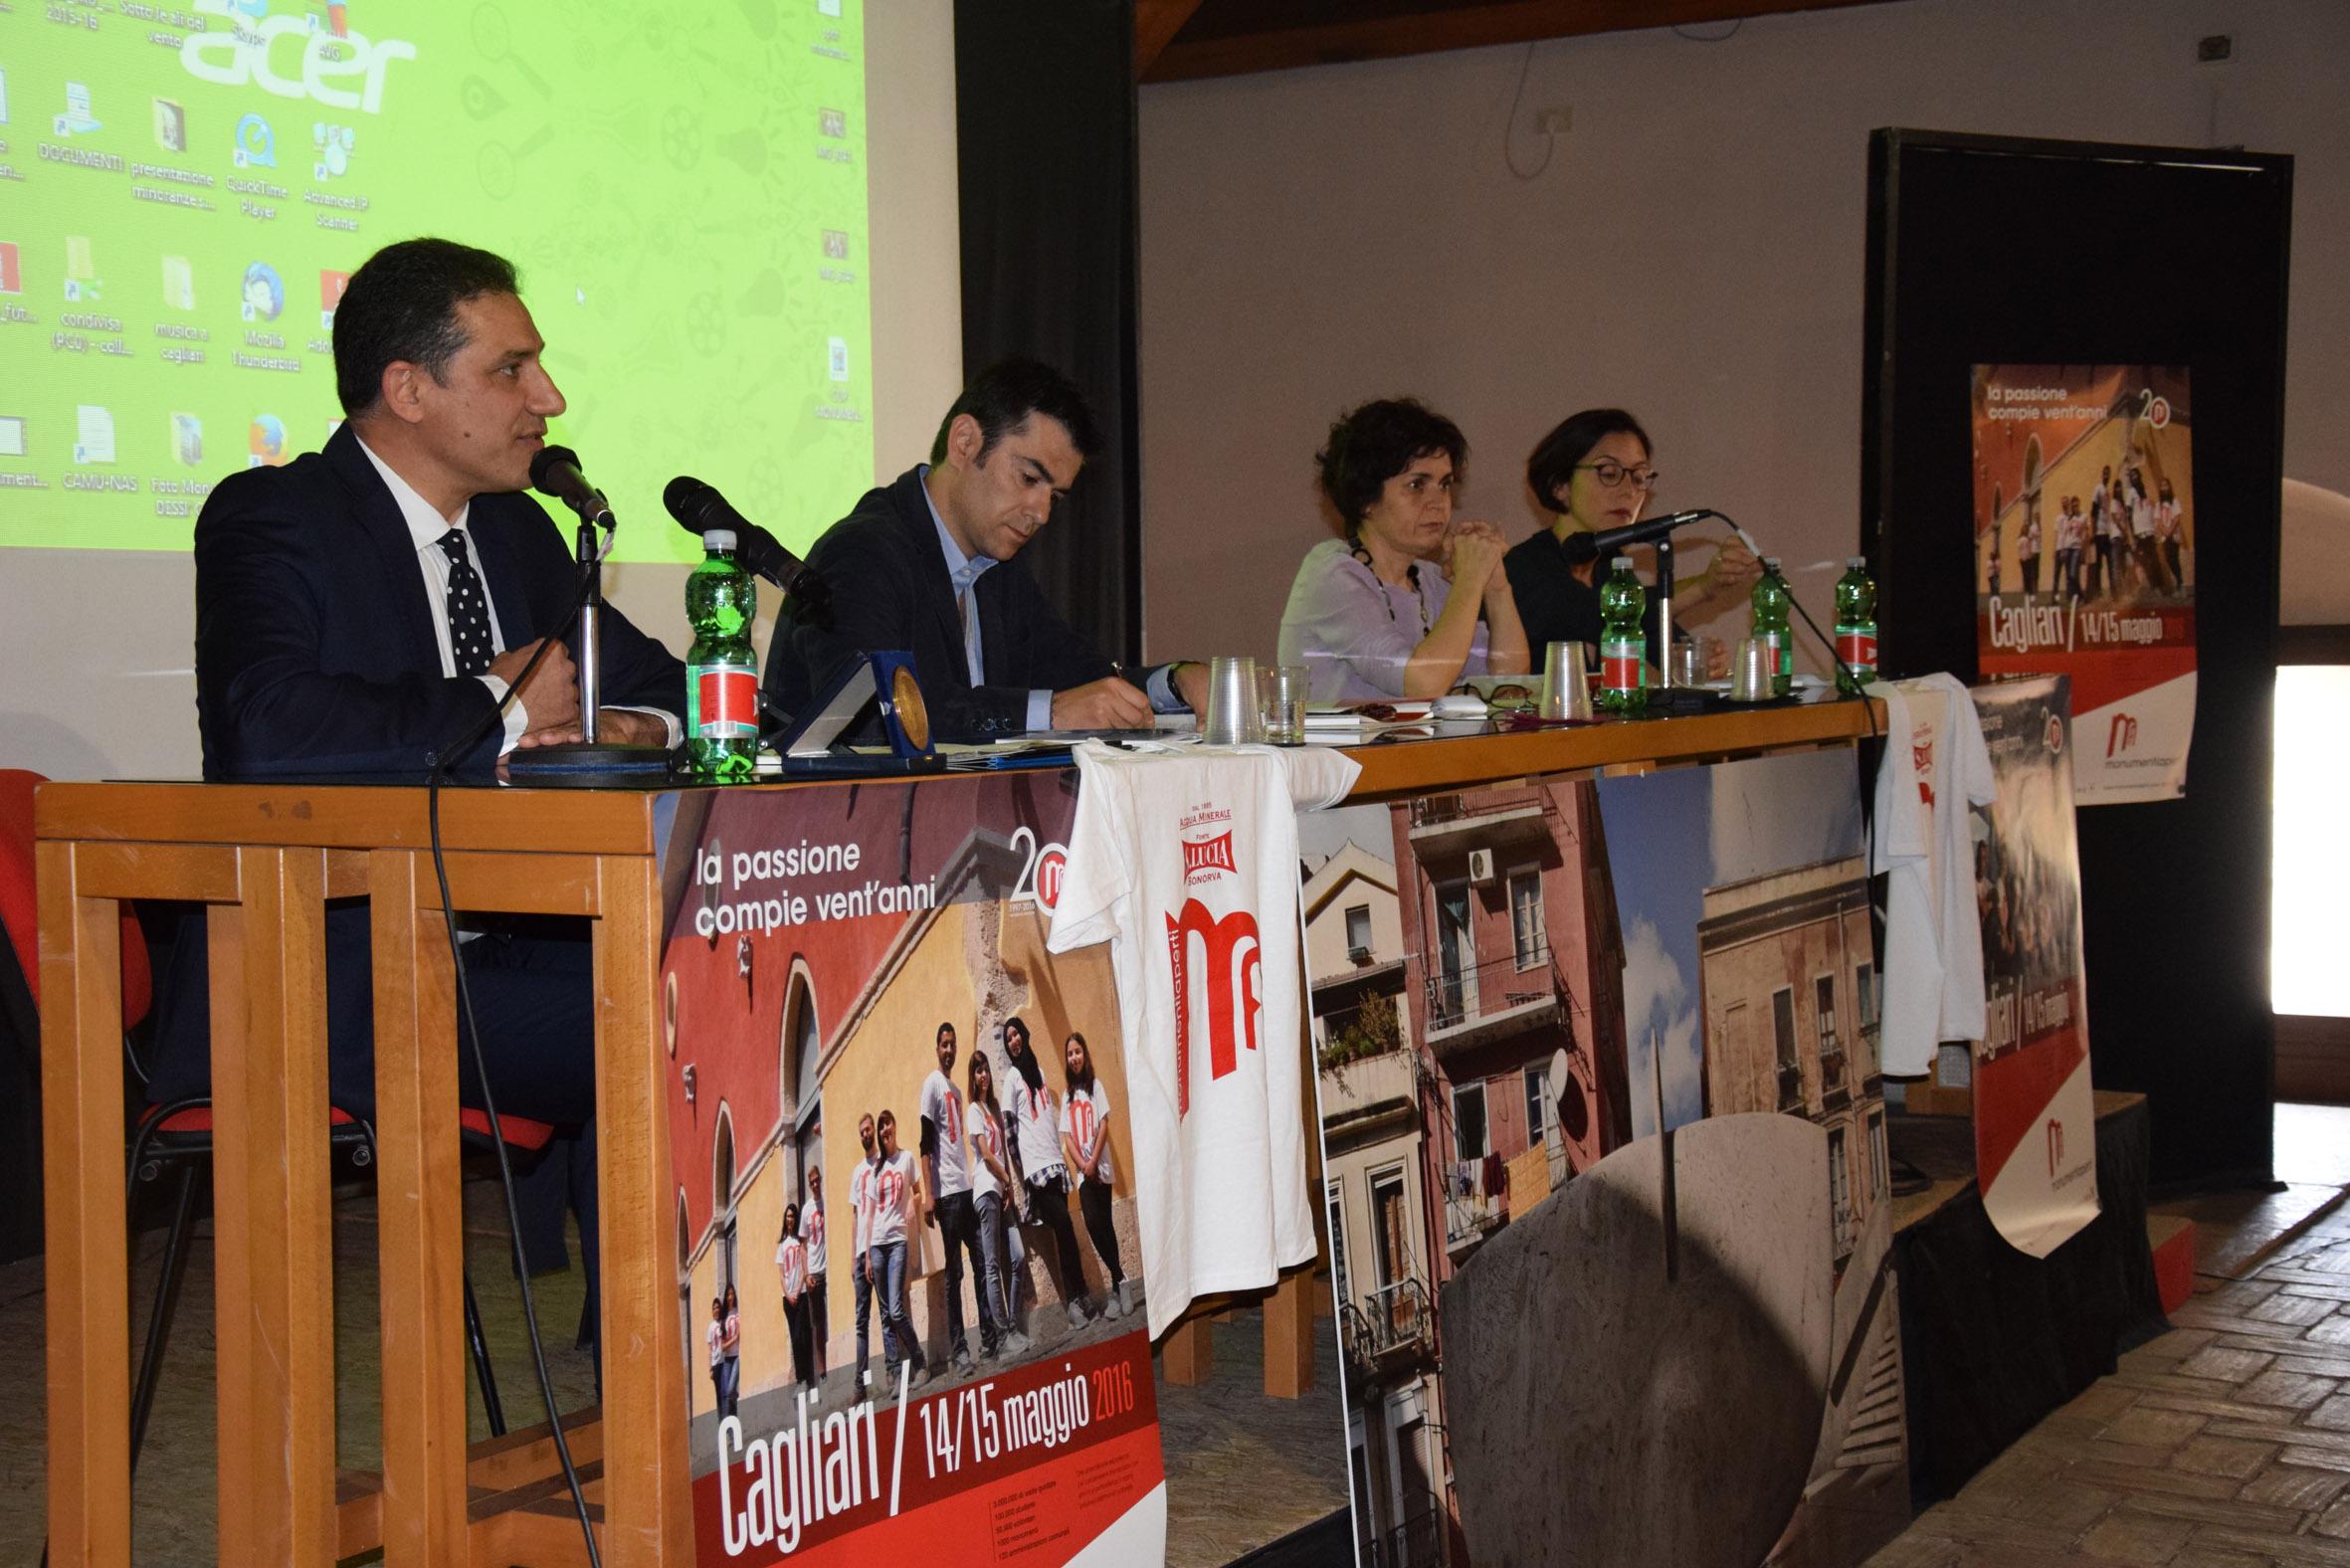 Cagliari Monumenti Aperti 2016 foto conferenza stampa. Cagliari Monumenti Aperti 2016 compie vent'anni. Un traguardo importante che verrà festeggiato il 14 e il 15 maggio con un ricco programma.